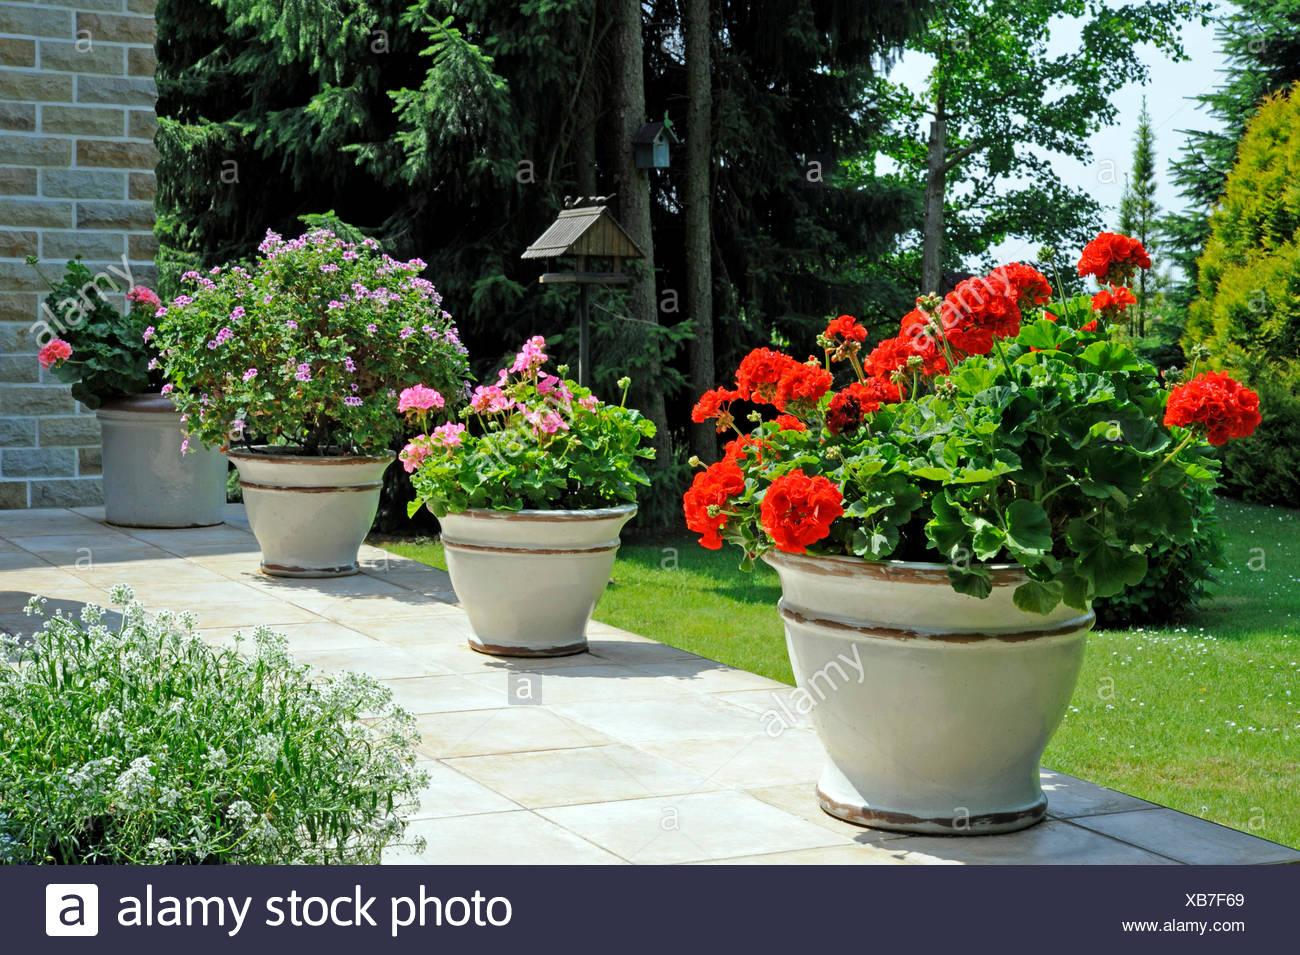 Terrazza Giardino Con Piante In Vaso In Designer Italiano Di